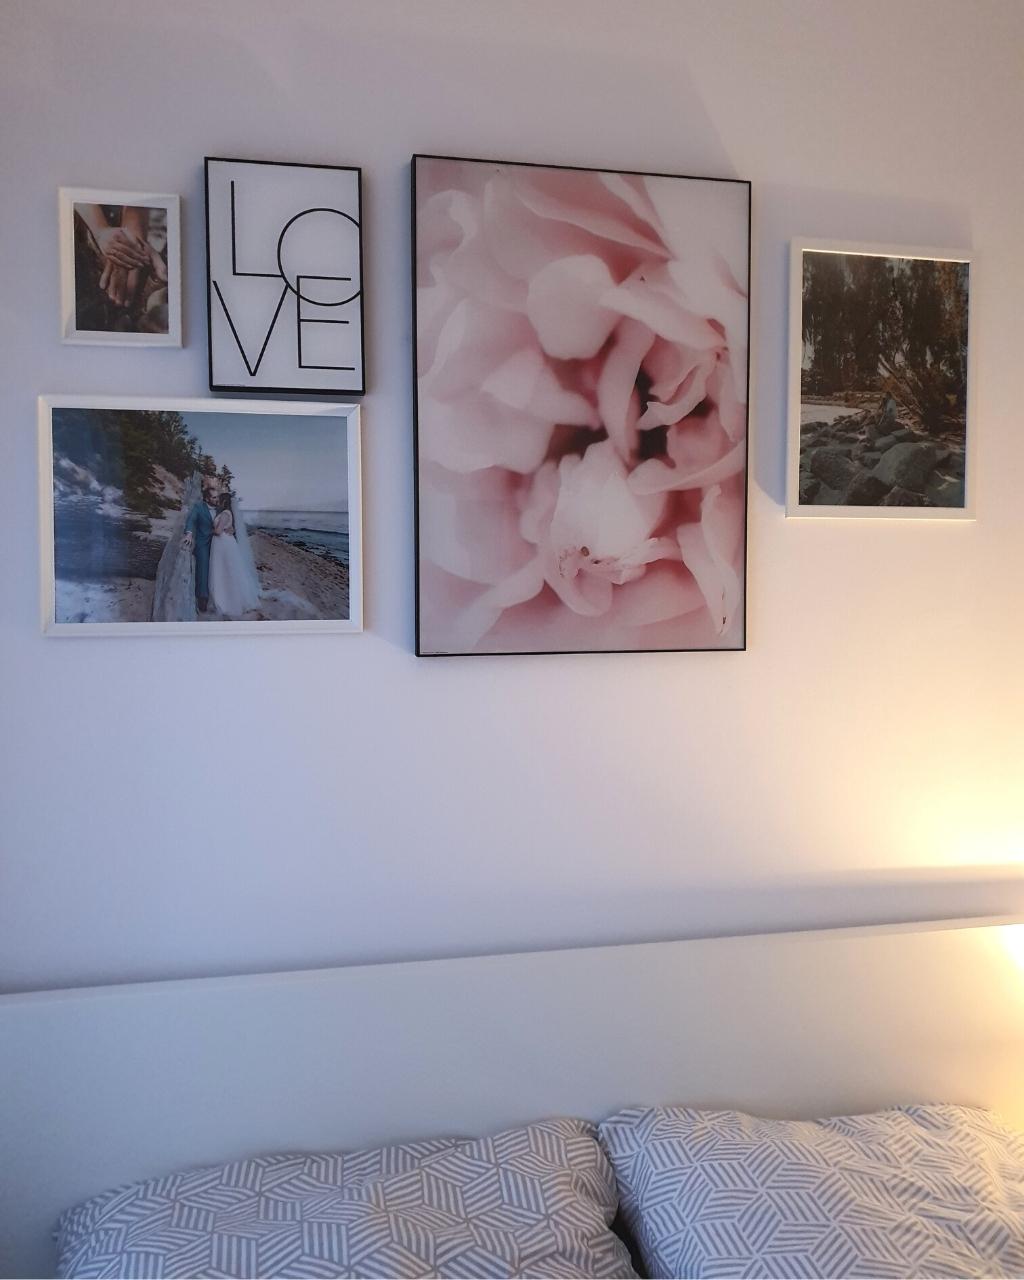 Obrazy nad łóżkiem w sypialni - moja metamorfoza!